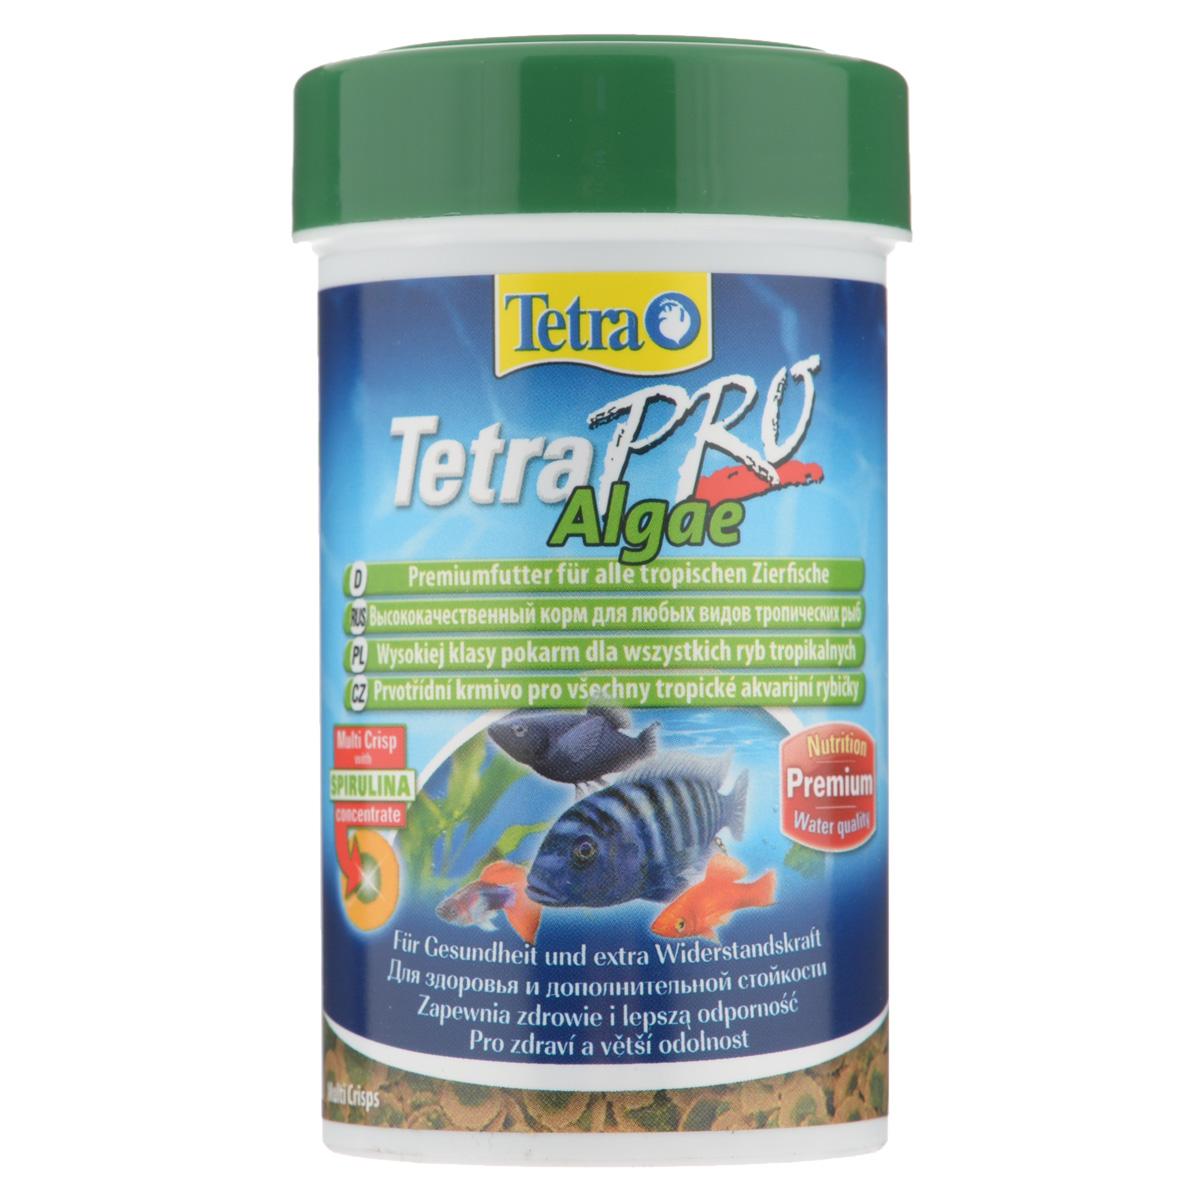 Корм сухой Tetra TetraPro. Algae для всех видов тропических рыб, чипсы, 100 мл (18 г)12171996Полноценный высококачественный корм Tetra TetraPro. Algae для всех видов тропических рыб разработан для поддержания здоровья и придания дополнительной стойкости. Особенности Tetra TetraPro. Algae: - щадящая низкотемпературная технология изготовления для высокой питательной ценности и стабильности витаминов;- концентрат спирулина для повышения сопротивляемости организма;- инновационная форма чипсов для минимального загрязнения воды;- идеально подходит для растительноядных рыб;- легкое кормление.Рекомендации по кормлению: кормить несколько раз в день маленькими порциями.Состав: рыба и побочные рыбные продукты, зерновые культуры, экстракты растительного белка, дрожжи, моллюски и раки, масла и жиры, водоросли (спирулина 1%).Аналитические компоненты: сырой белок - 46%, сырые масла и жиры - 12%, сырая клетчатка - 3%, влага - 9%.Добавки: витамины, провитамины и химические вещества с аналогичным воздействием, витамин А 29810 МЕ/кг, витамин Д3 1860 МЕ/кг, Л-карнитин 123 мг/кг. Комбинации элементов: Е5 Марганец 67 мг/кг, Е6 Цинк 40 мг/кг, Е1 Железо 26 мг/кг. Красители, консерванты, антиоксиданты.Товар сертифицирован.